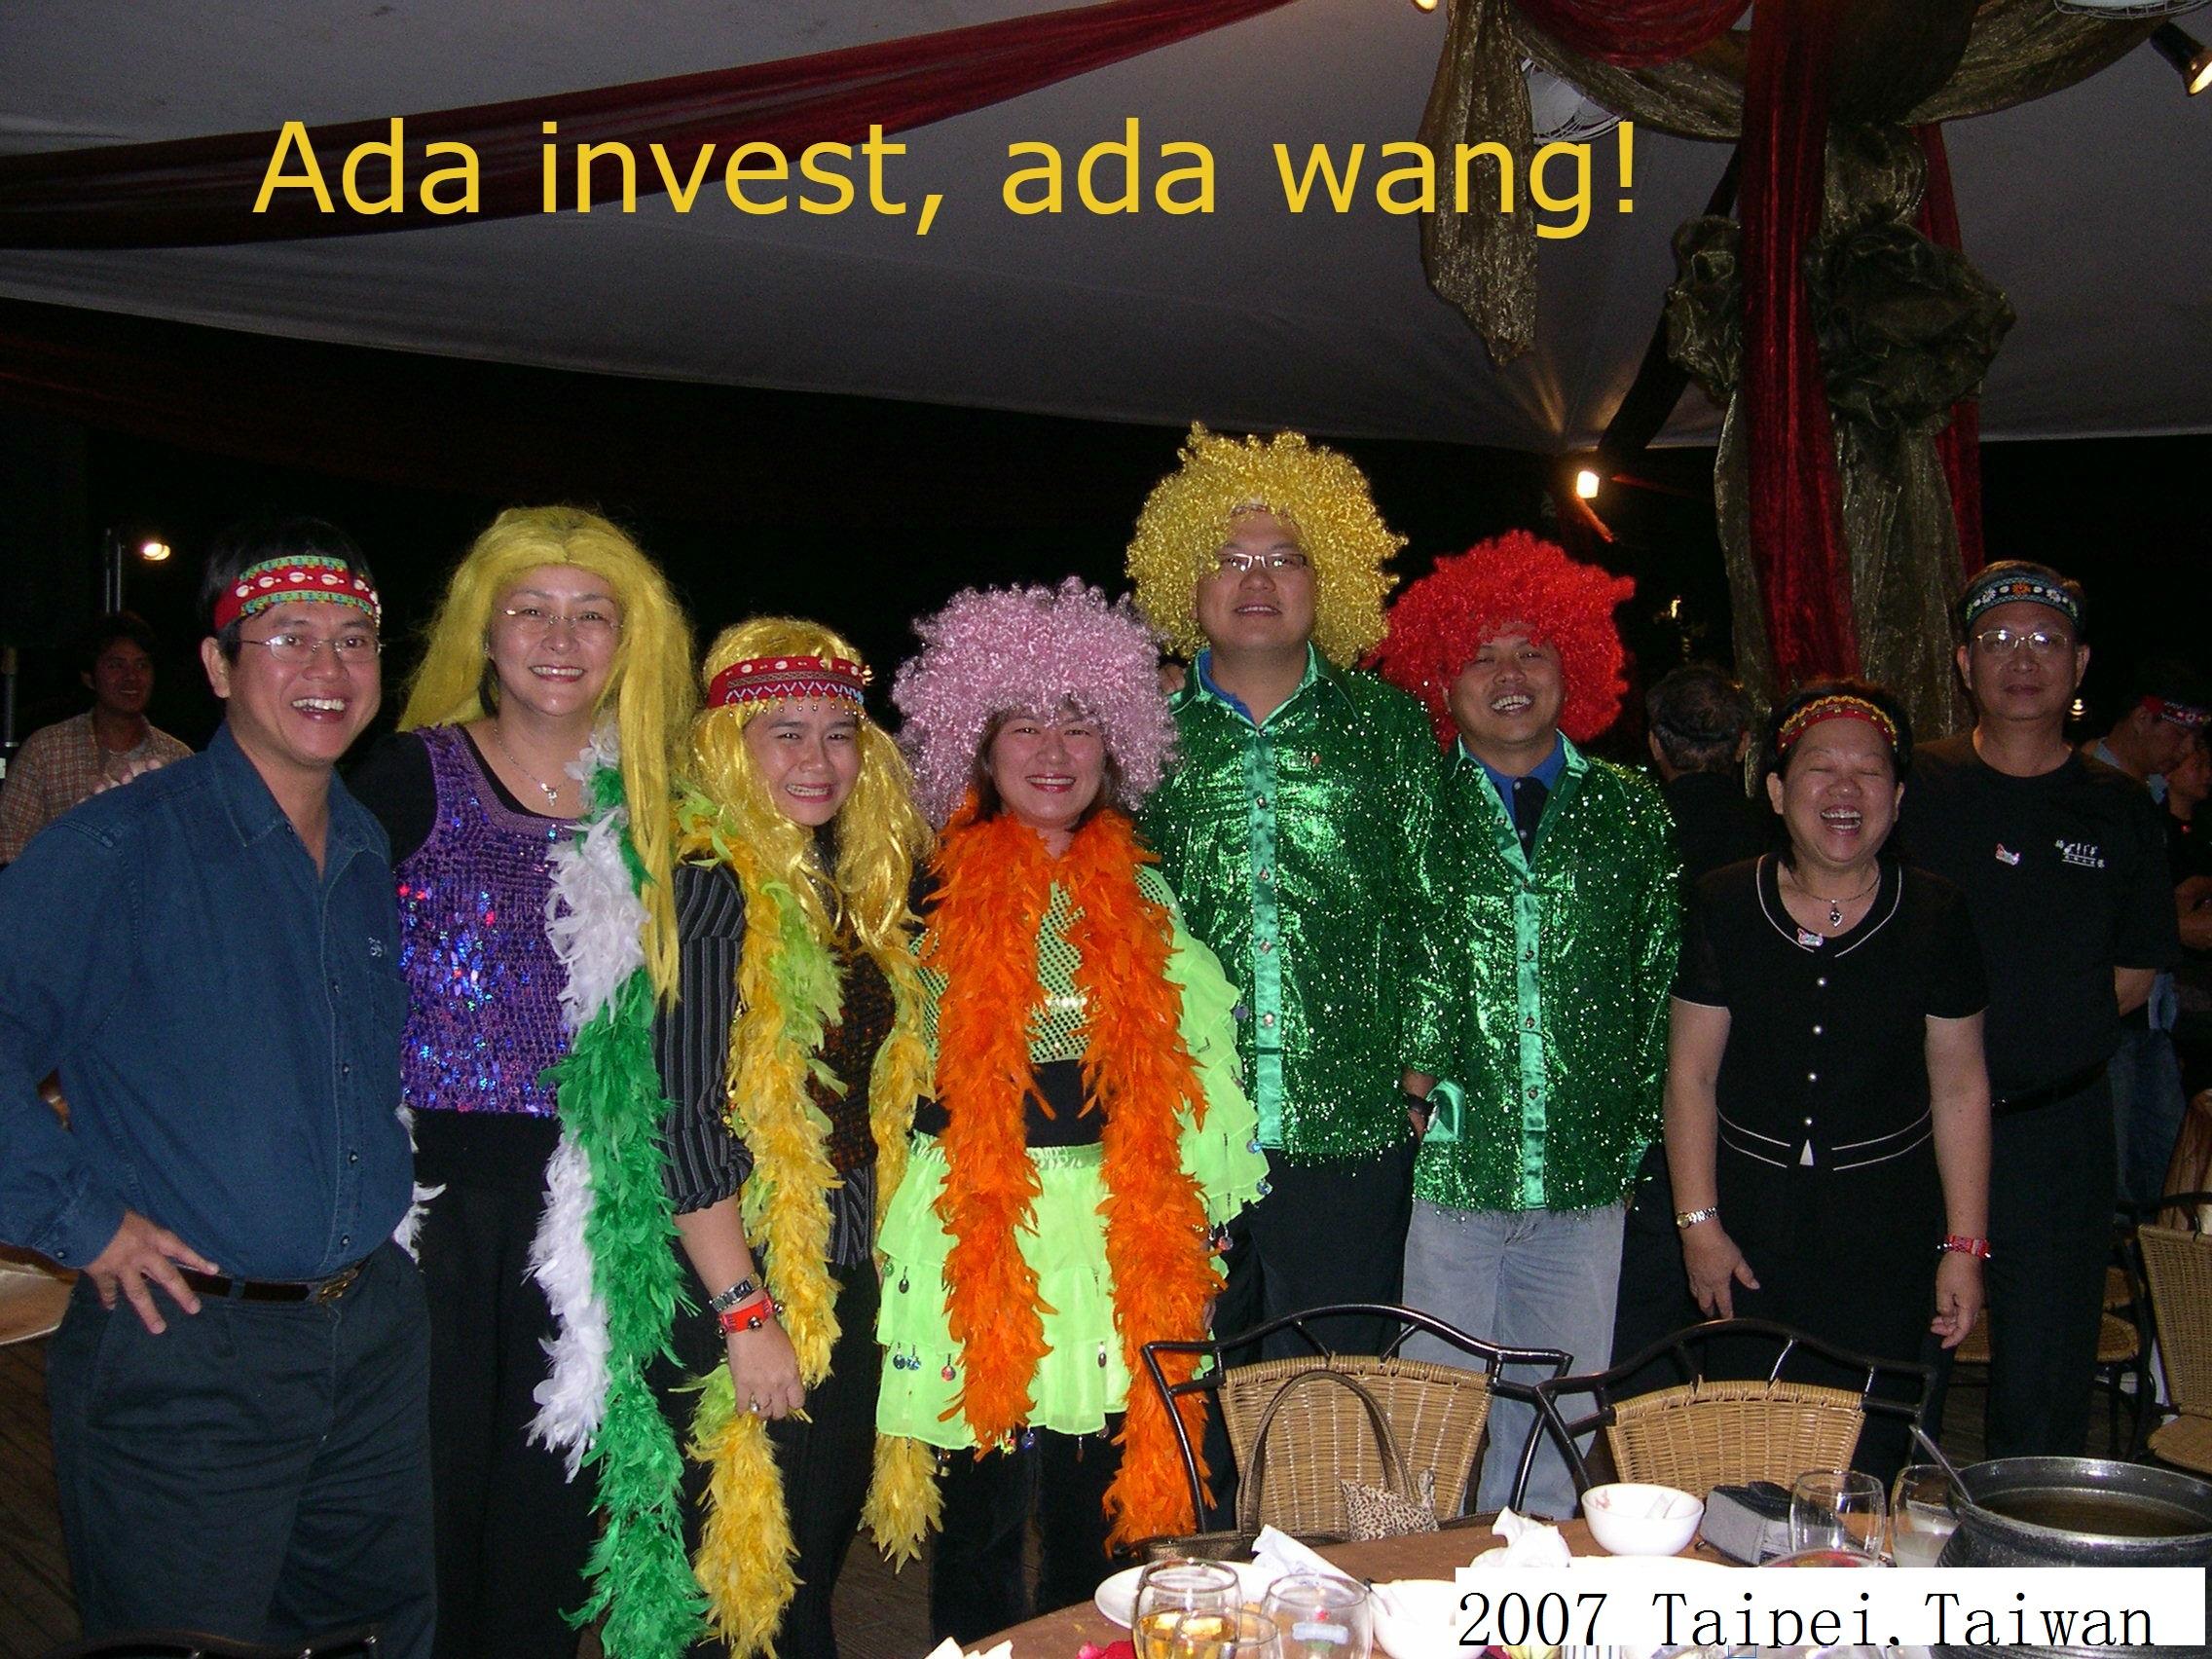 Ada invest ada wang